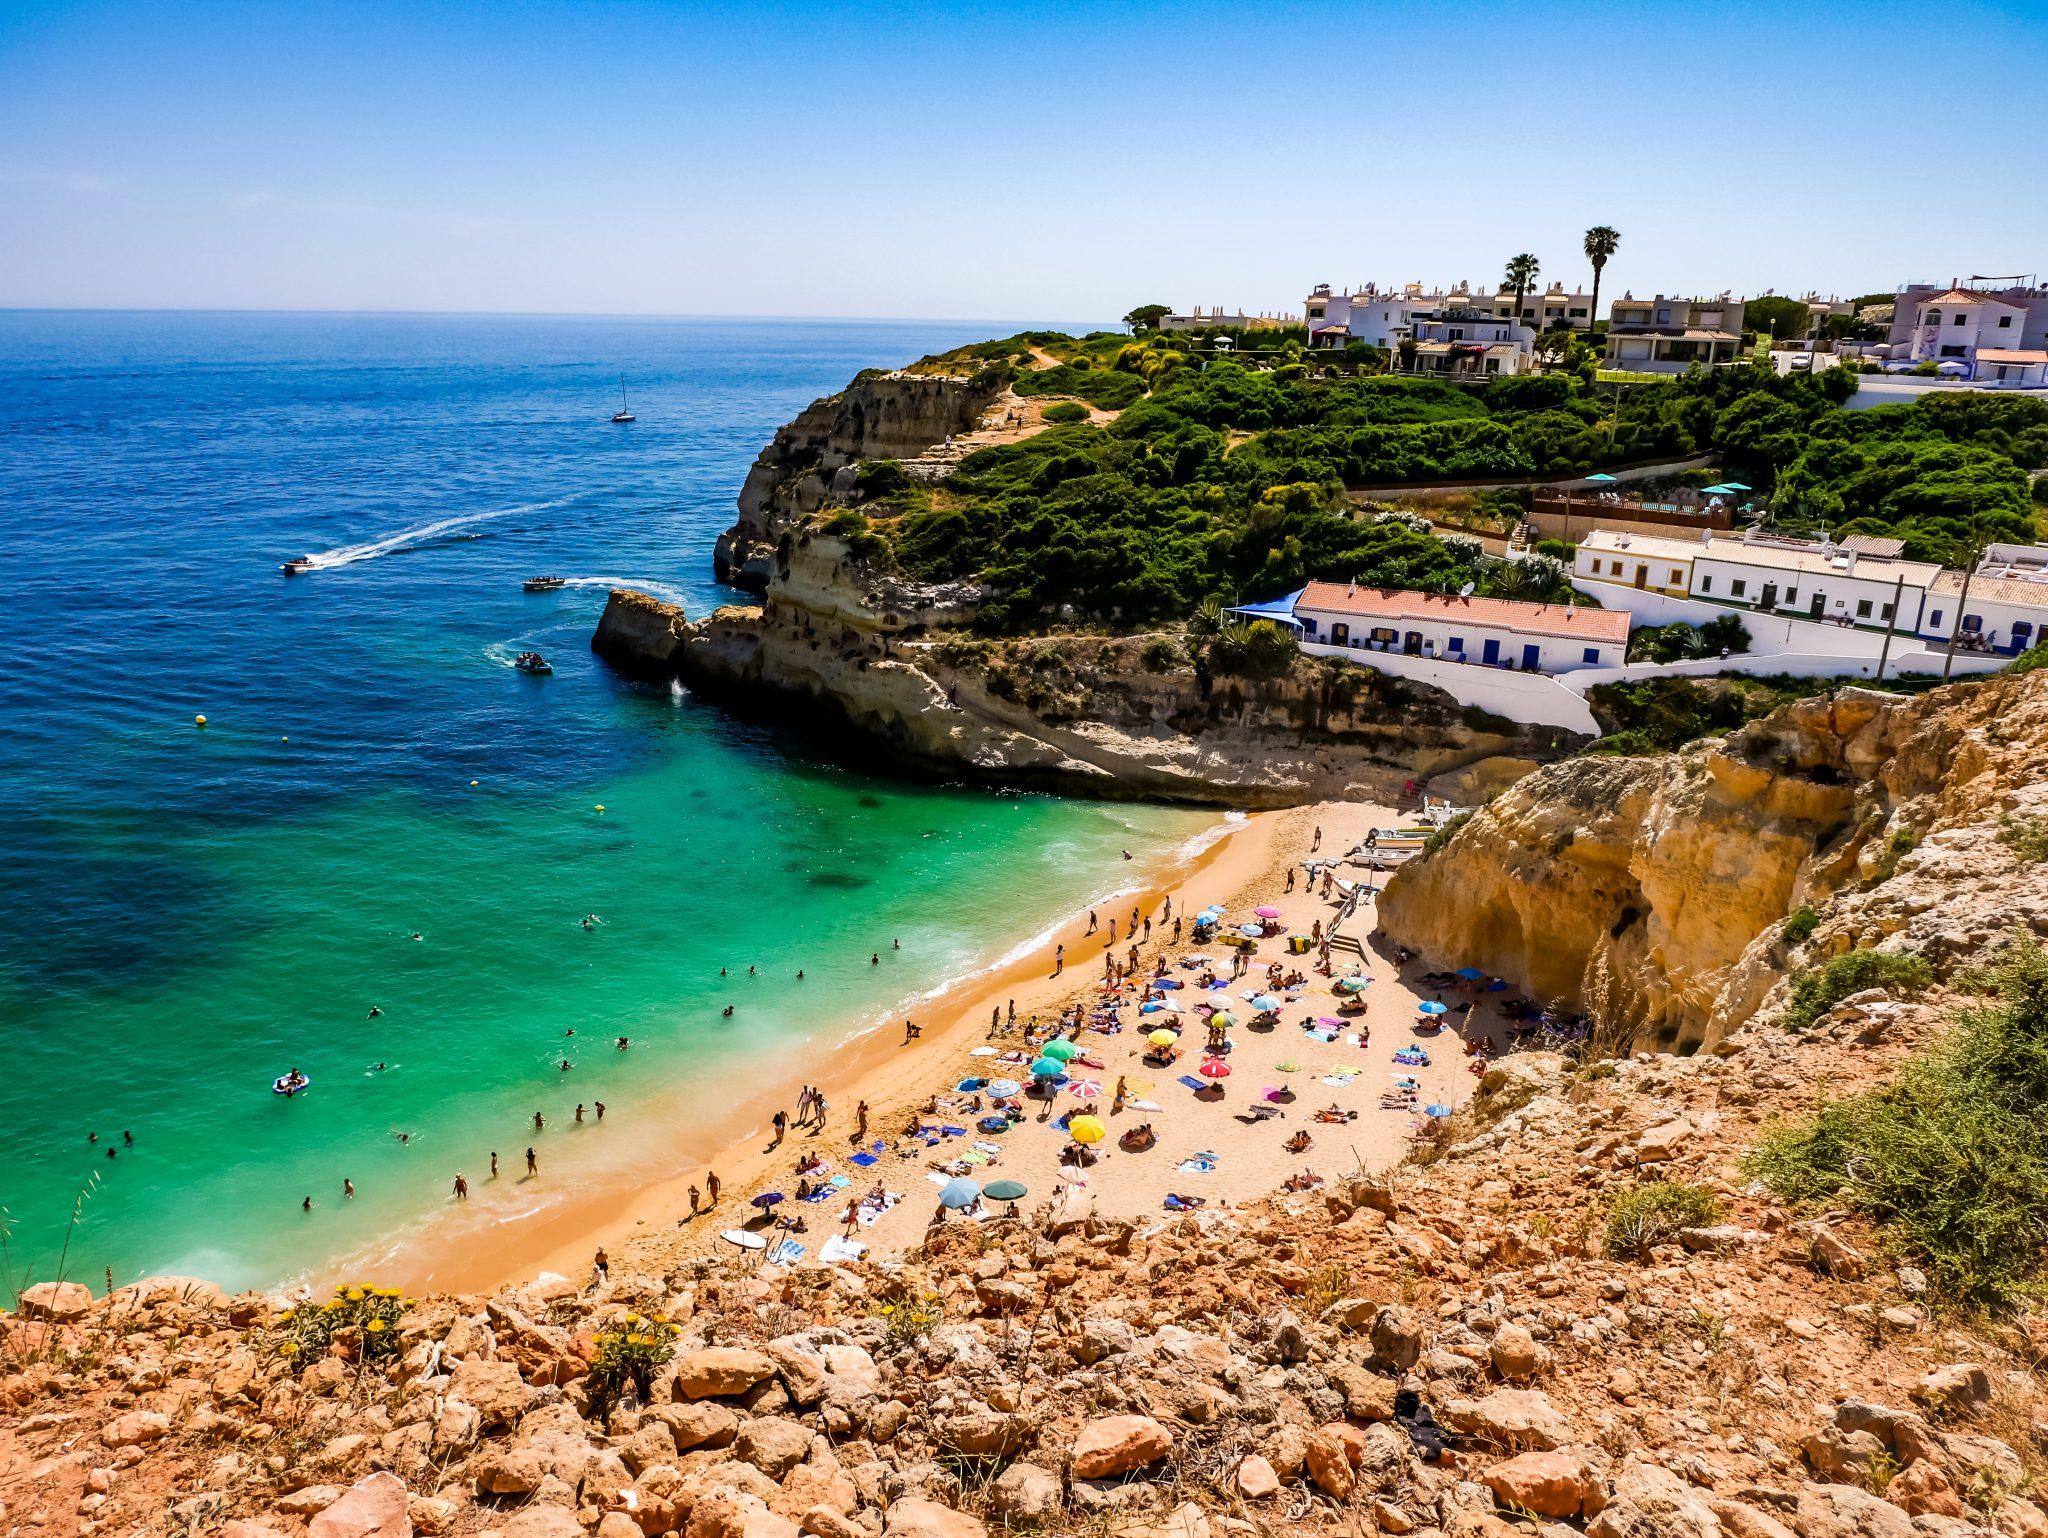 Praia de Benagil, Portugal